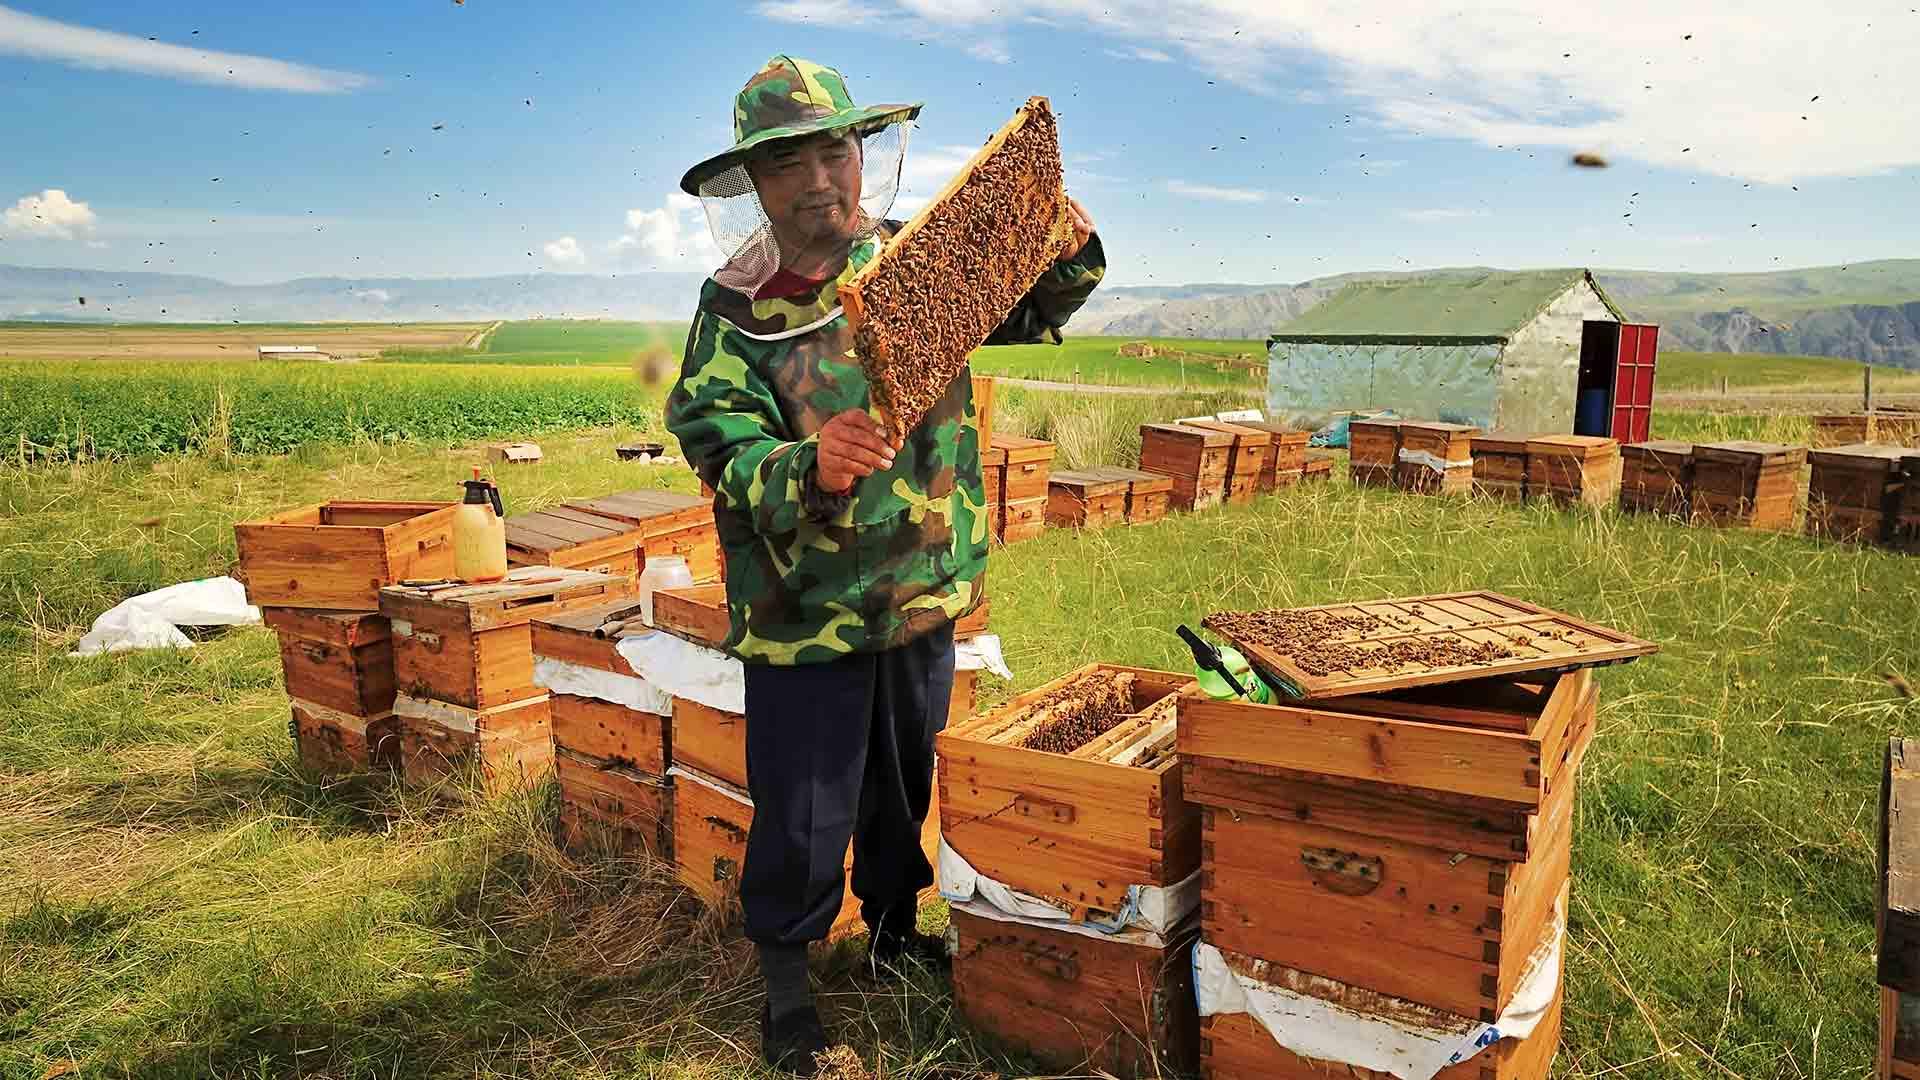 Пчелиные вирусы убивают шмелей, распространяясь через цветы